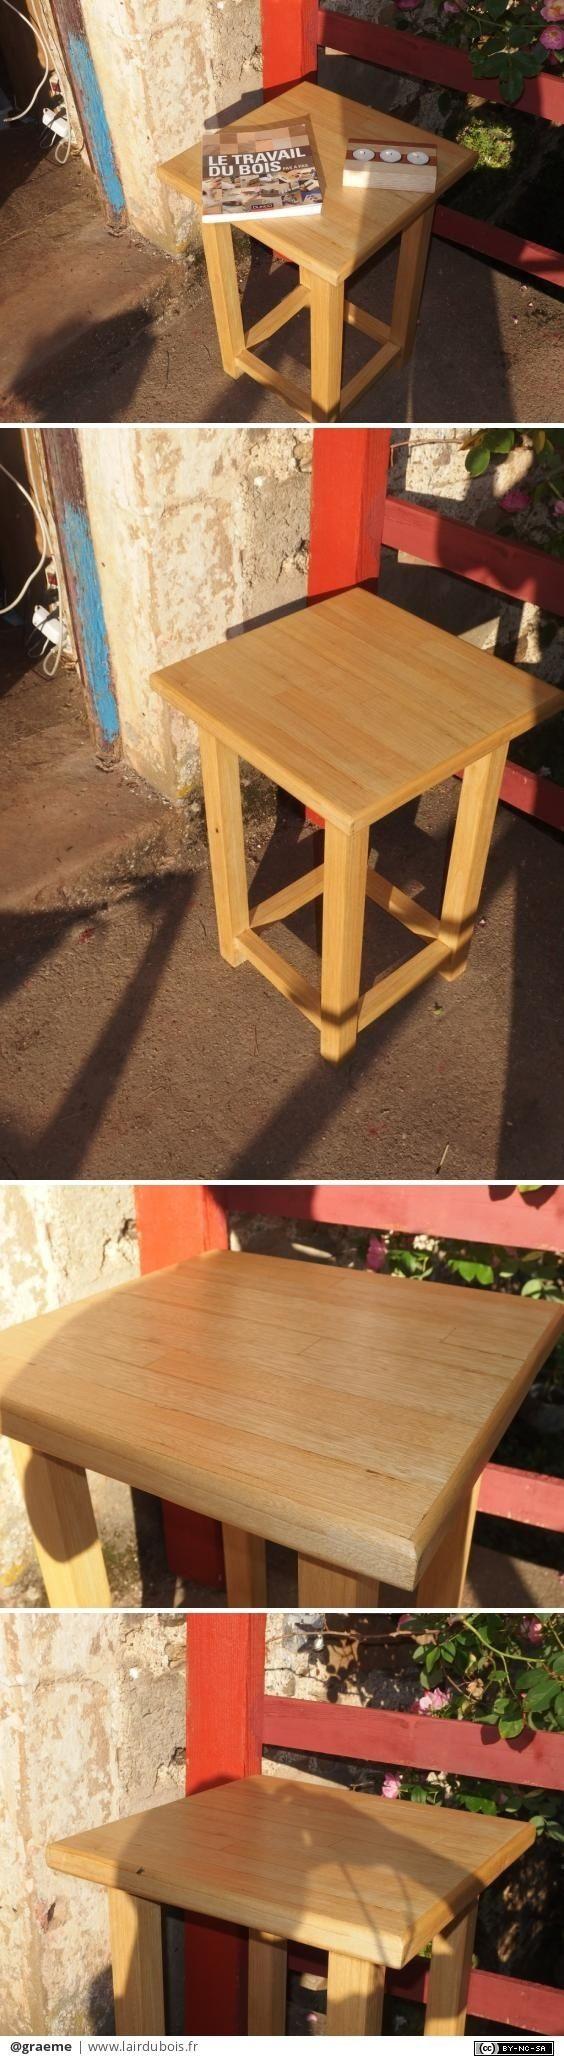 Les 25 meilleures id es de la cat gorie tables de chevet - Fabriquer table de chevet ...